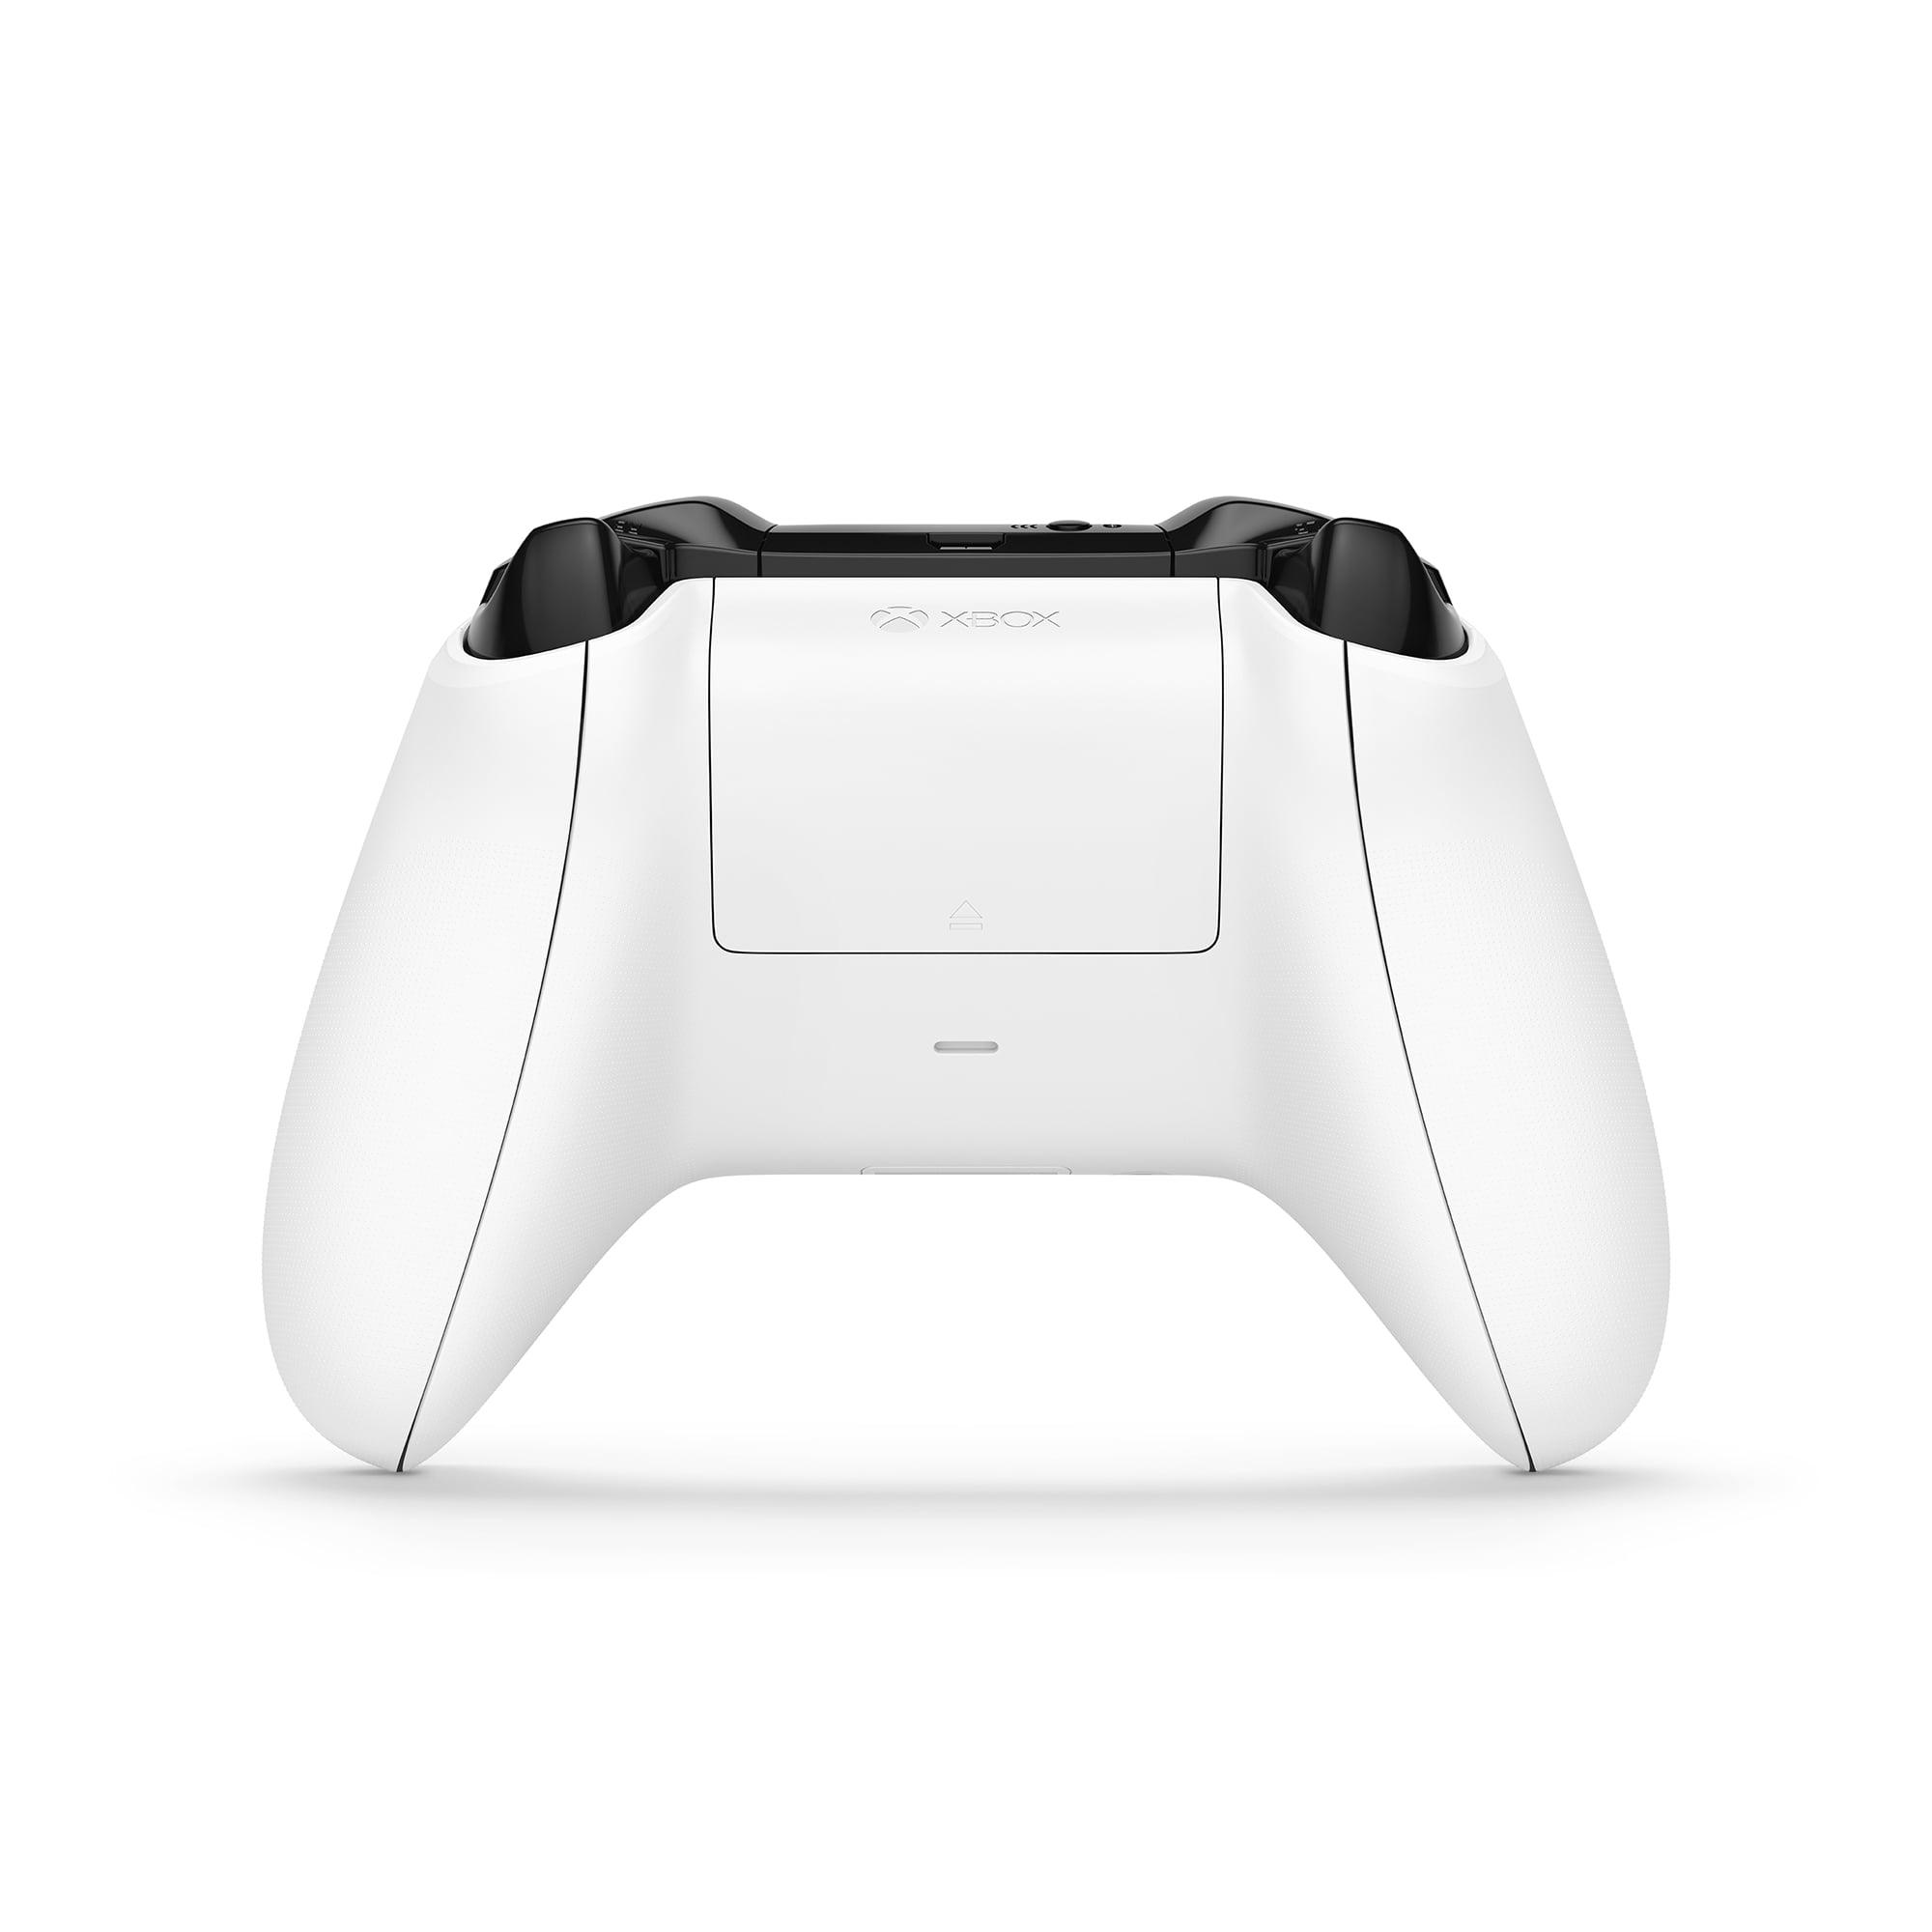 All Xbox One Fortnite Bundle Microsoft Xbox One S 1tb Fortnite Bundle White 234 00703 Walmart Com Walmart Com